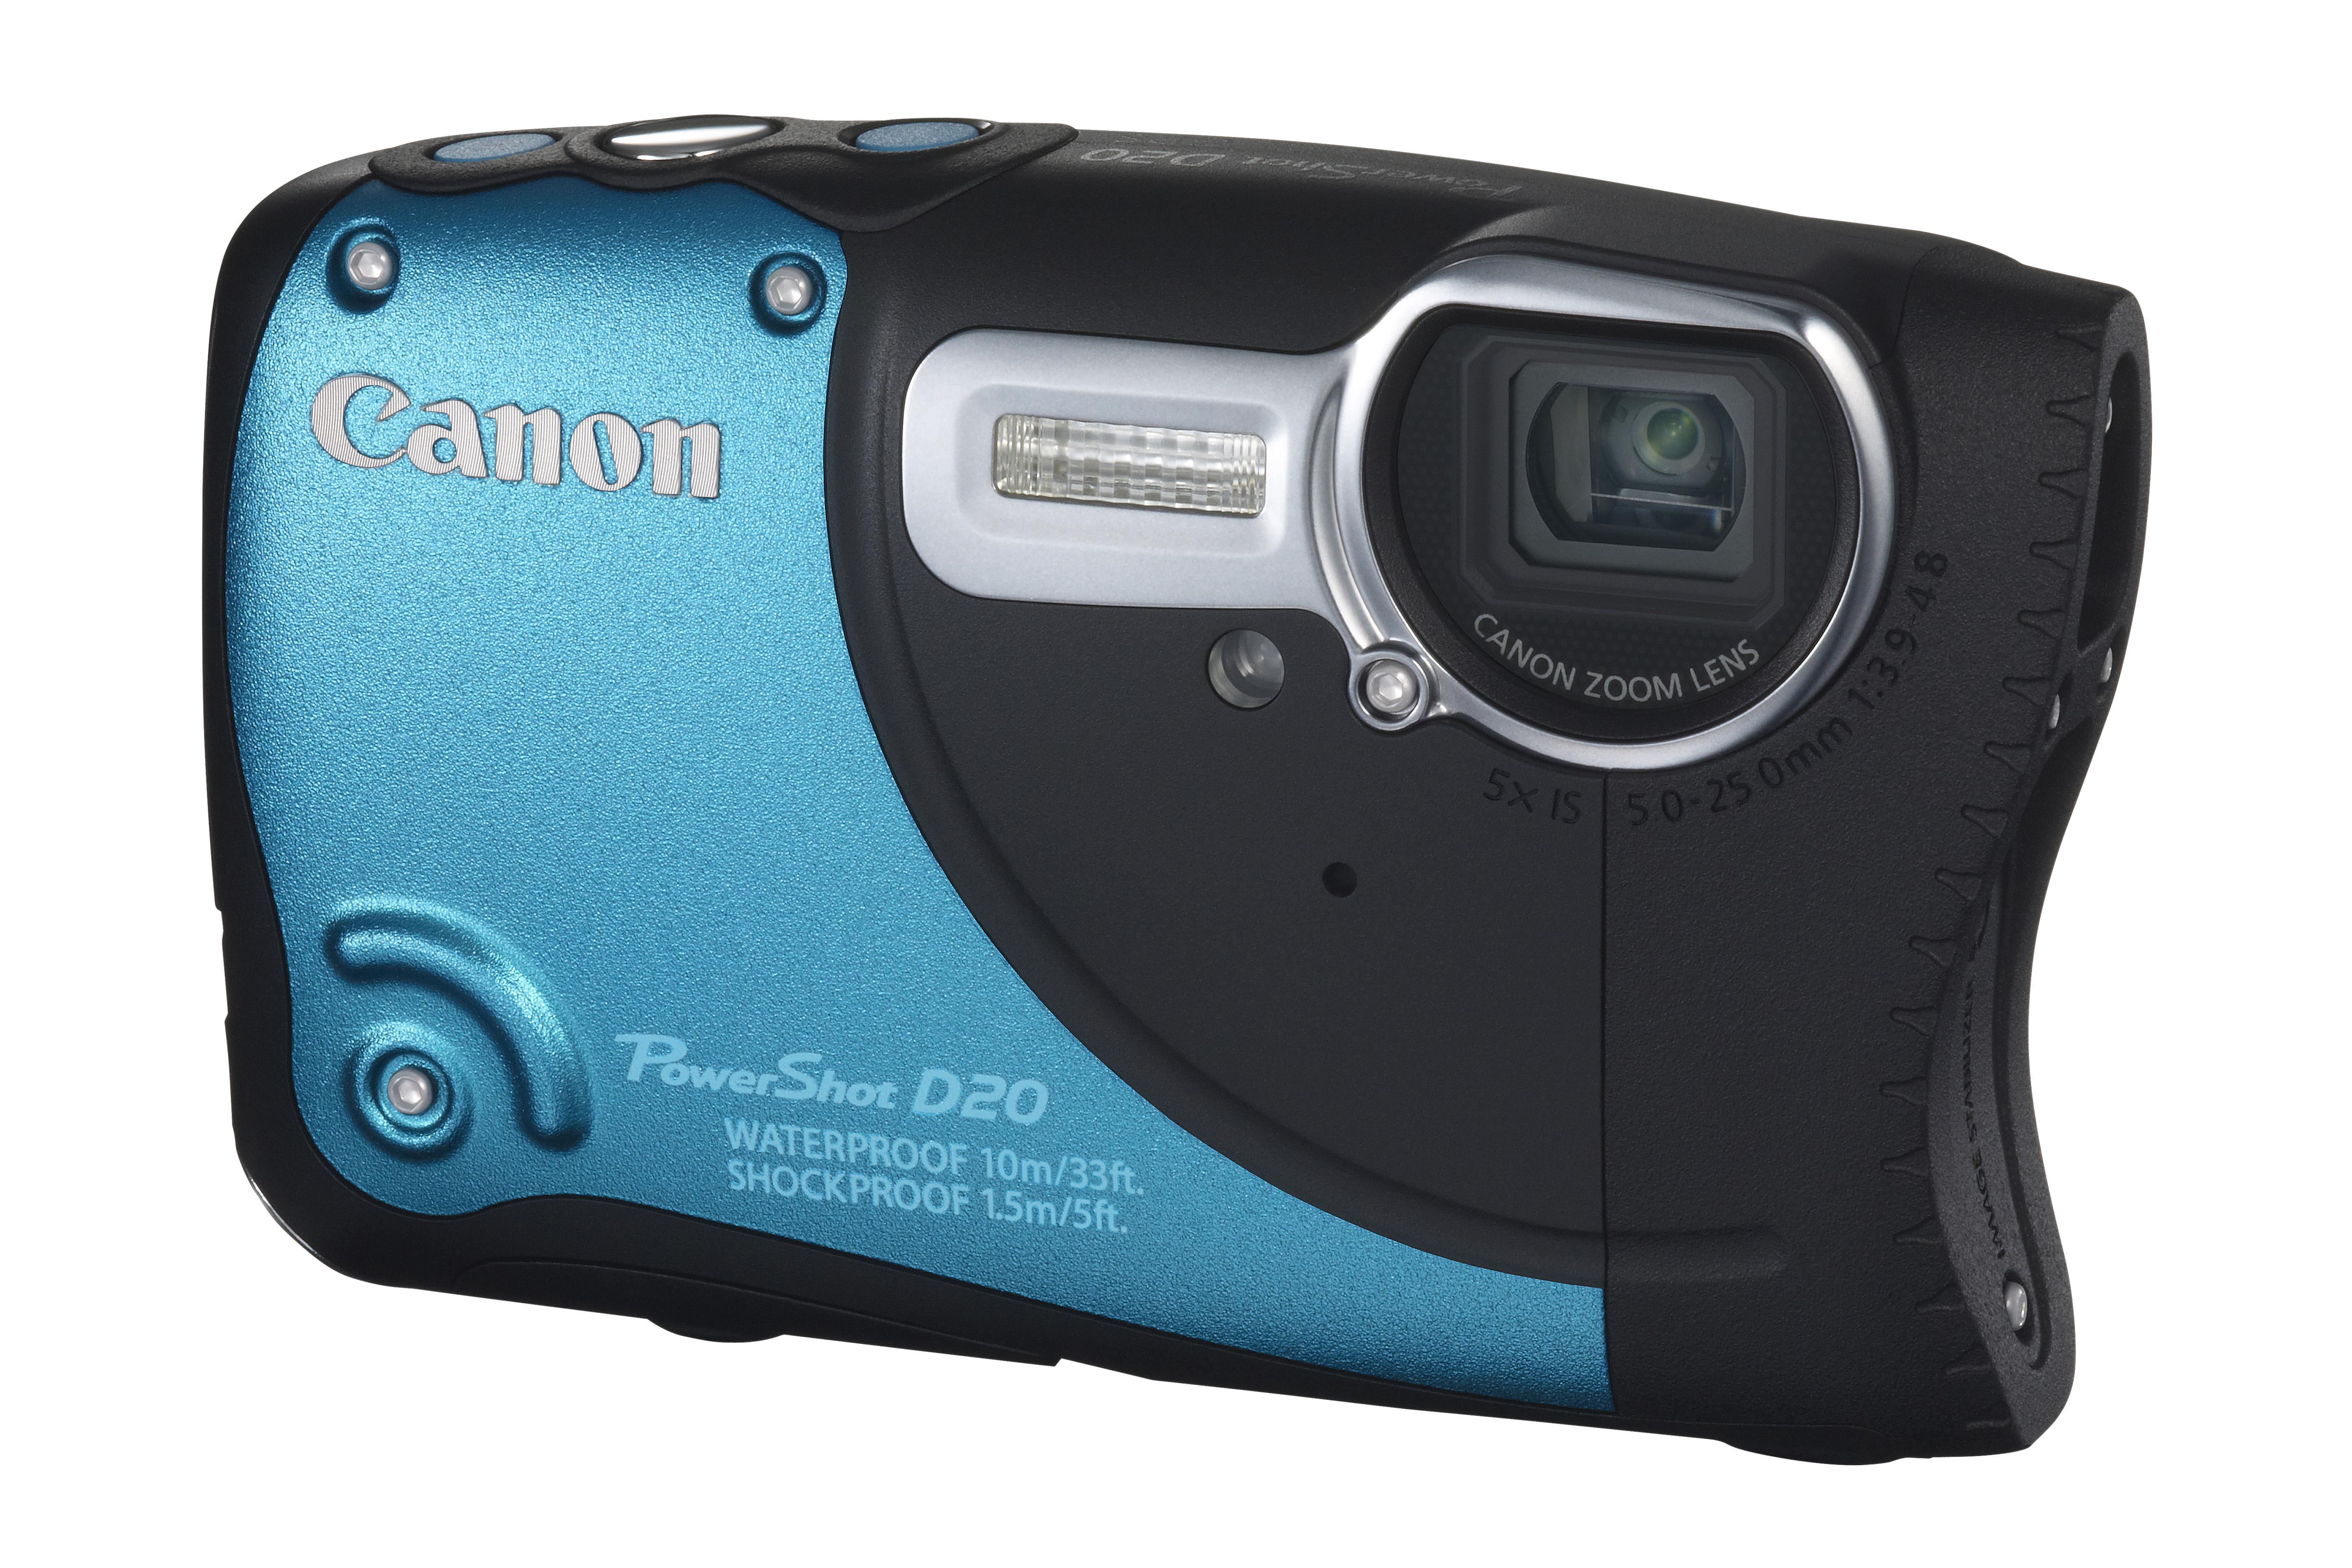 Best underwater cameras of 2013: 5 waterproof cameras - Amateur ...